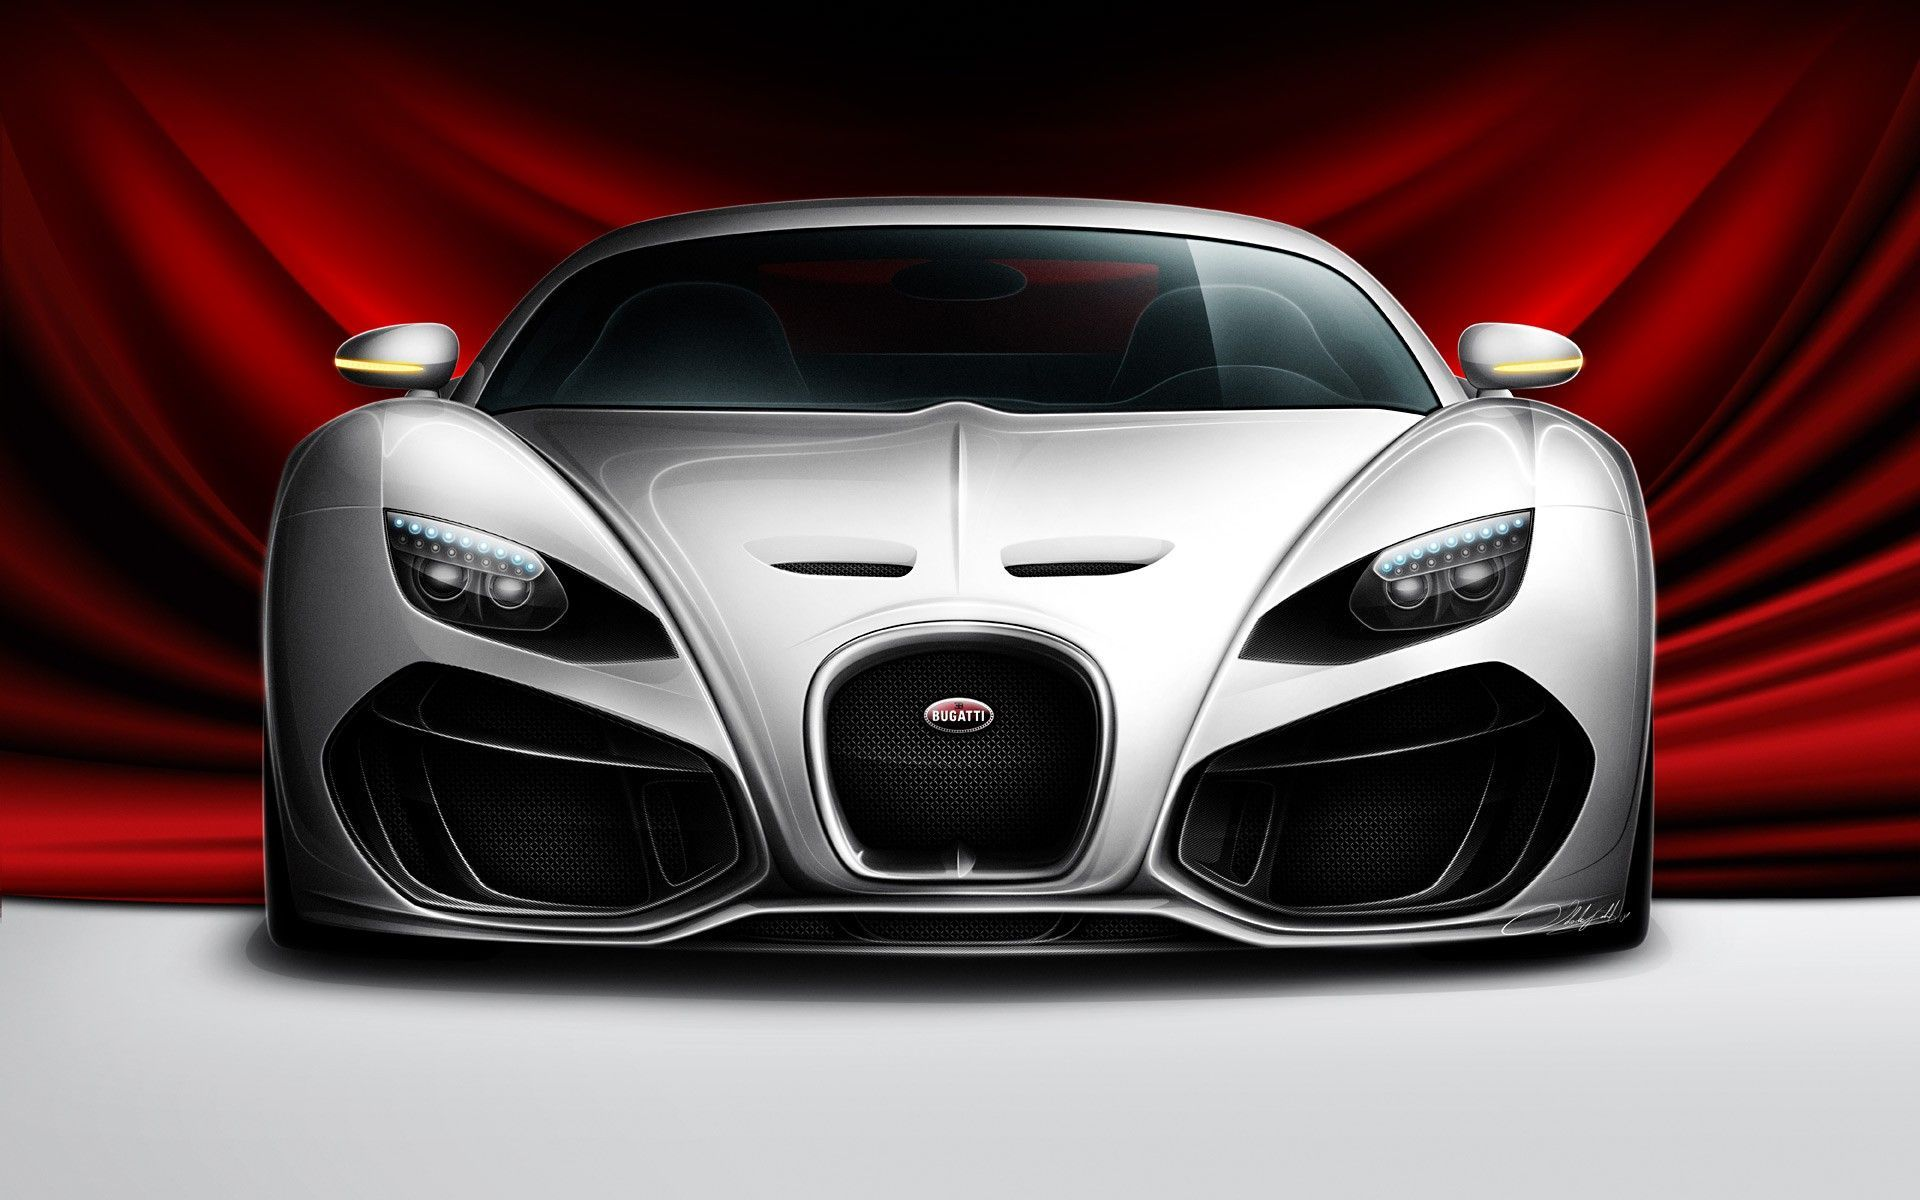 72b5a787b0bf521e625e874e63ee11bb Wonderful Bugatti Veyron Xbox 360 Games Cars Trend